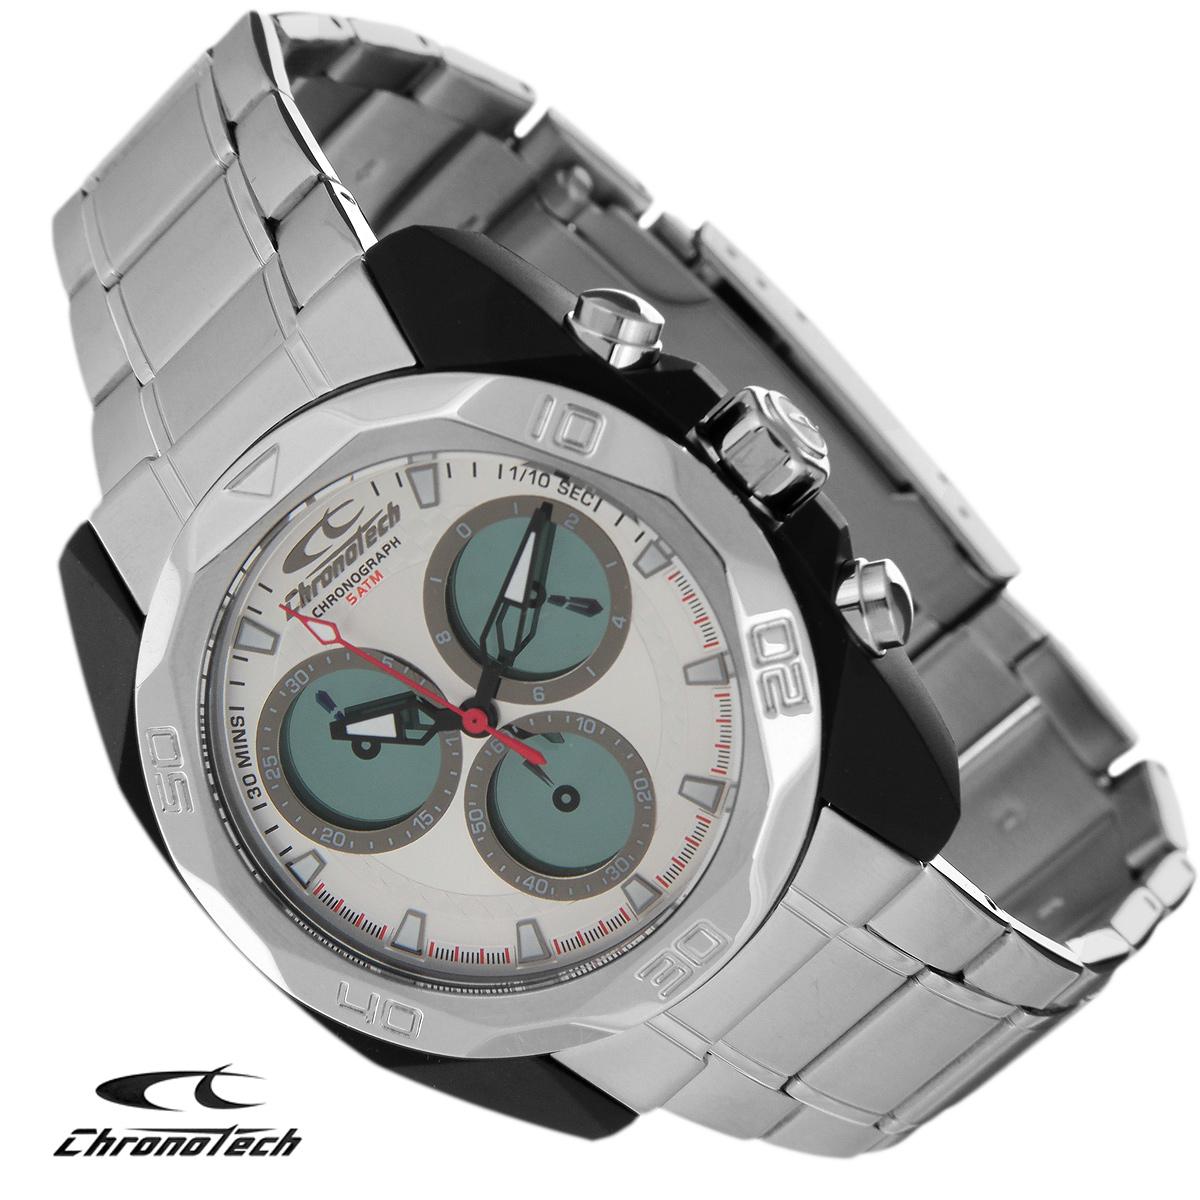 Часы мужские наручные Chronotech, цвет: серебристый. RW0064RW0064Часы Chronotech - это часы для современных и стильных людей, которые стремятся выделиться из толпы и подчеркнуть свою индивидуальность. Корпус часов выполнен из нержавеющей стали с покрытием поликарбонатом. Циферблат оформлен отметками и защищен минеральным стеклом. Часы имеют три стрелки - часовую, минутную и секундную. Стрелки и отметки светятся в темноте. Часы оснащены функцией хронографа и имеют секундомер. Браслет часов выполнен из нержавеющей стали и застегивается на раскладывающуюся застежку. Часы упакованы в фирменную коробку с логотипом компании Chronotech. Такой аксессуар добавит вашему образу стиля и подчеркнет безупречный вкус своего владельца. Характеристики: Диаметр циферблата: 3,3 см. Размер корпуса: 4,3 см х 4,8 см х 1,2 см. Длина браслета (с корпусом): 29 см. Ширина браслета: 2 см.